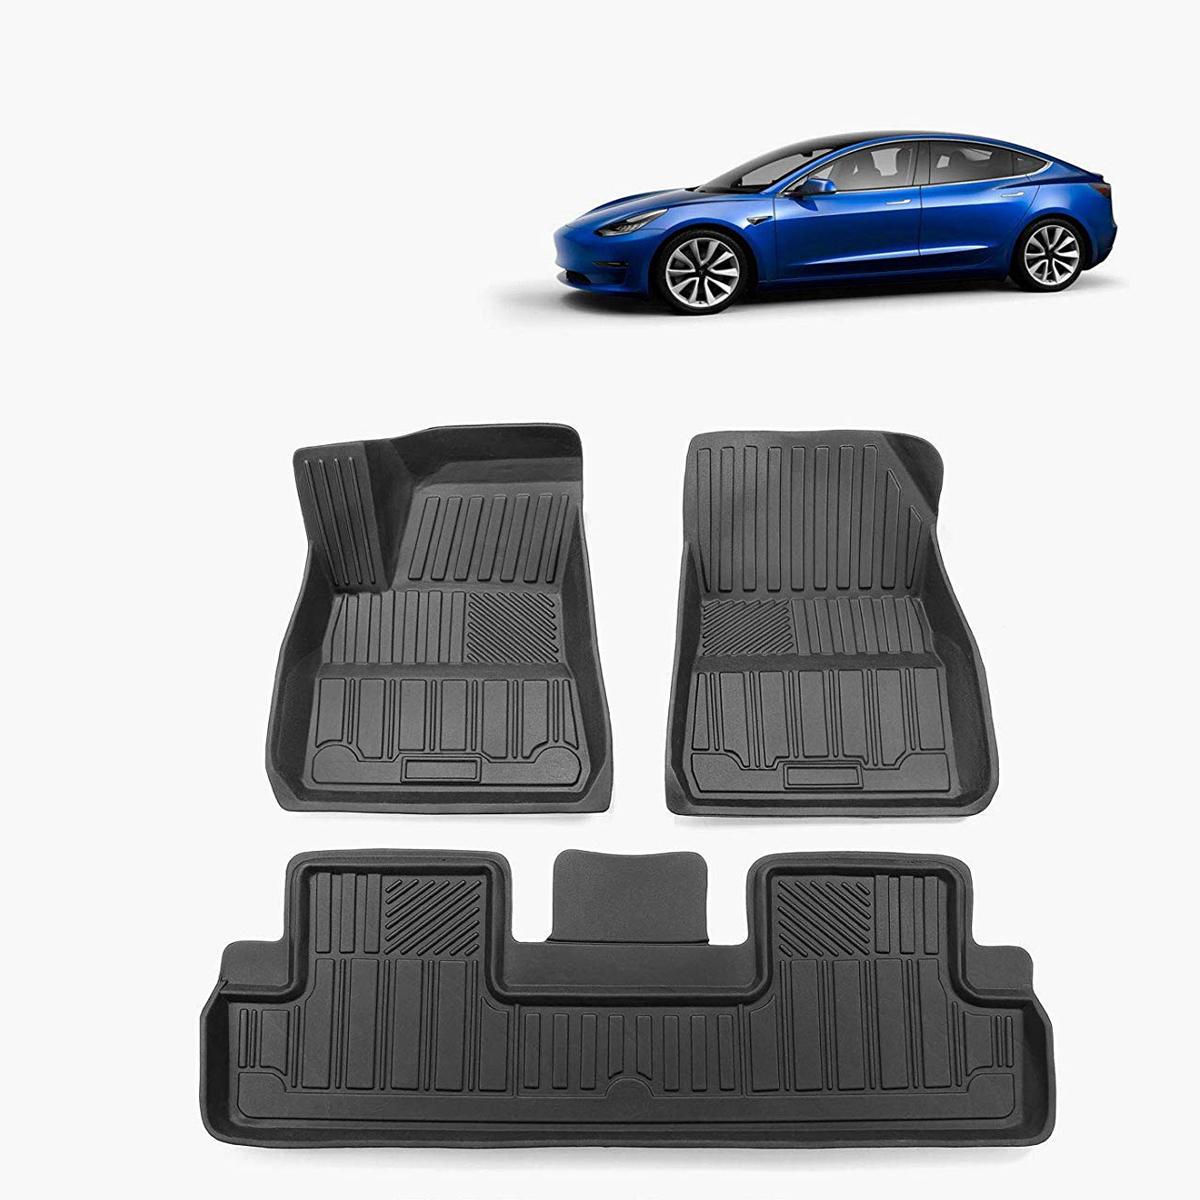 Siyah TPE Su Geçirmez Araba Tesla Modeli 3 Tüm Hava Uyar için Paspas